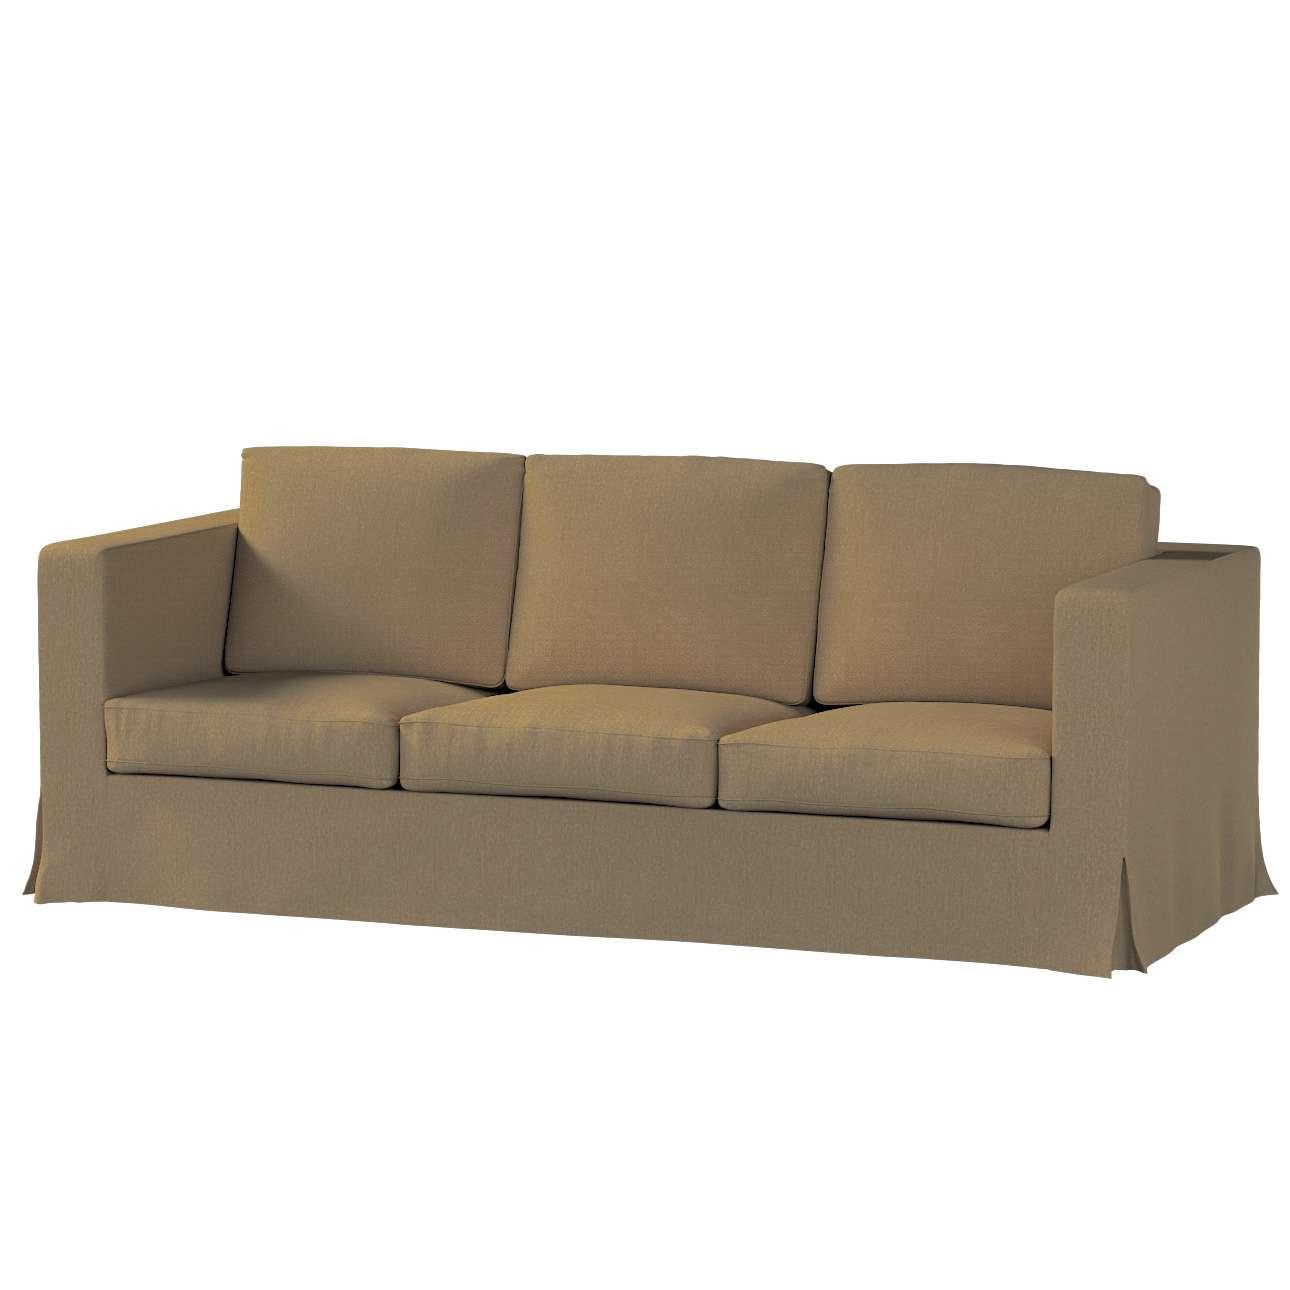 KARLANDA trivietės sofos iki žemės užvalkalas KARLANDA trivietės sofos iki žemės užvalkalas kolekcijoje Chenille, audinys: 702-21